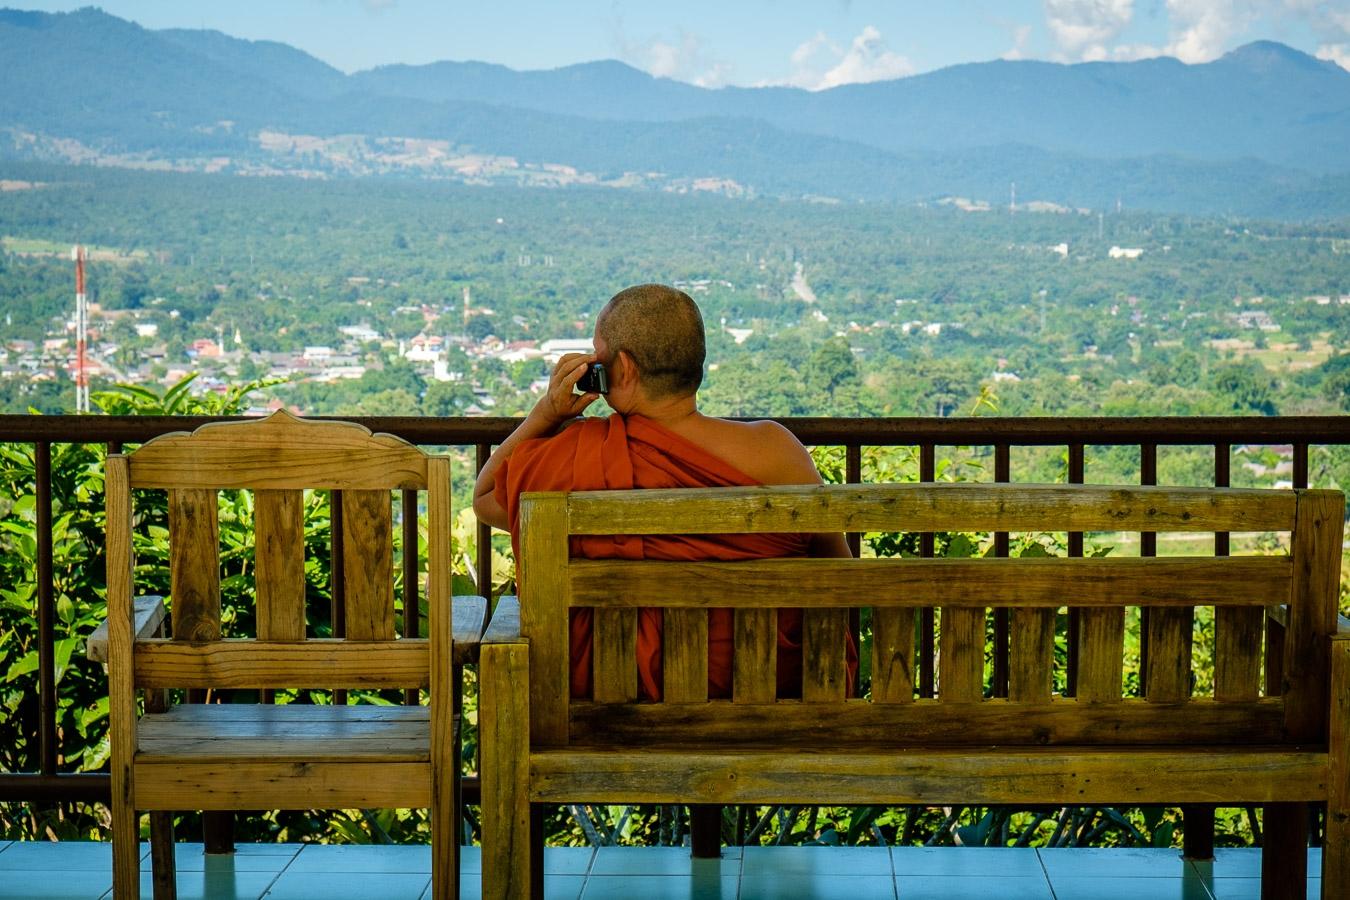 Photographie de voyage - moine au téléphone, Thaïlande